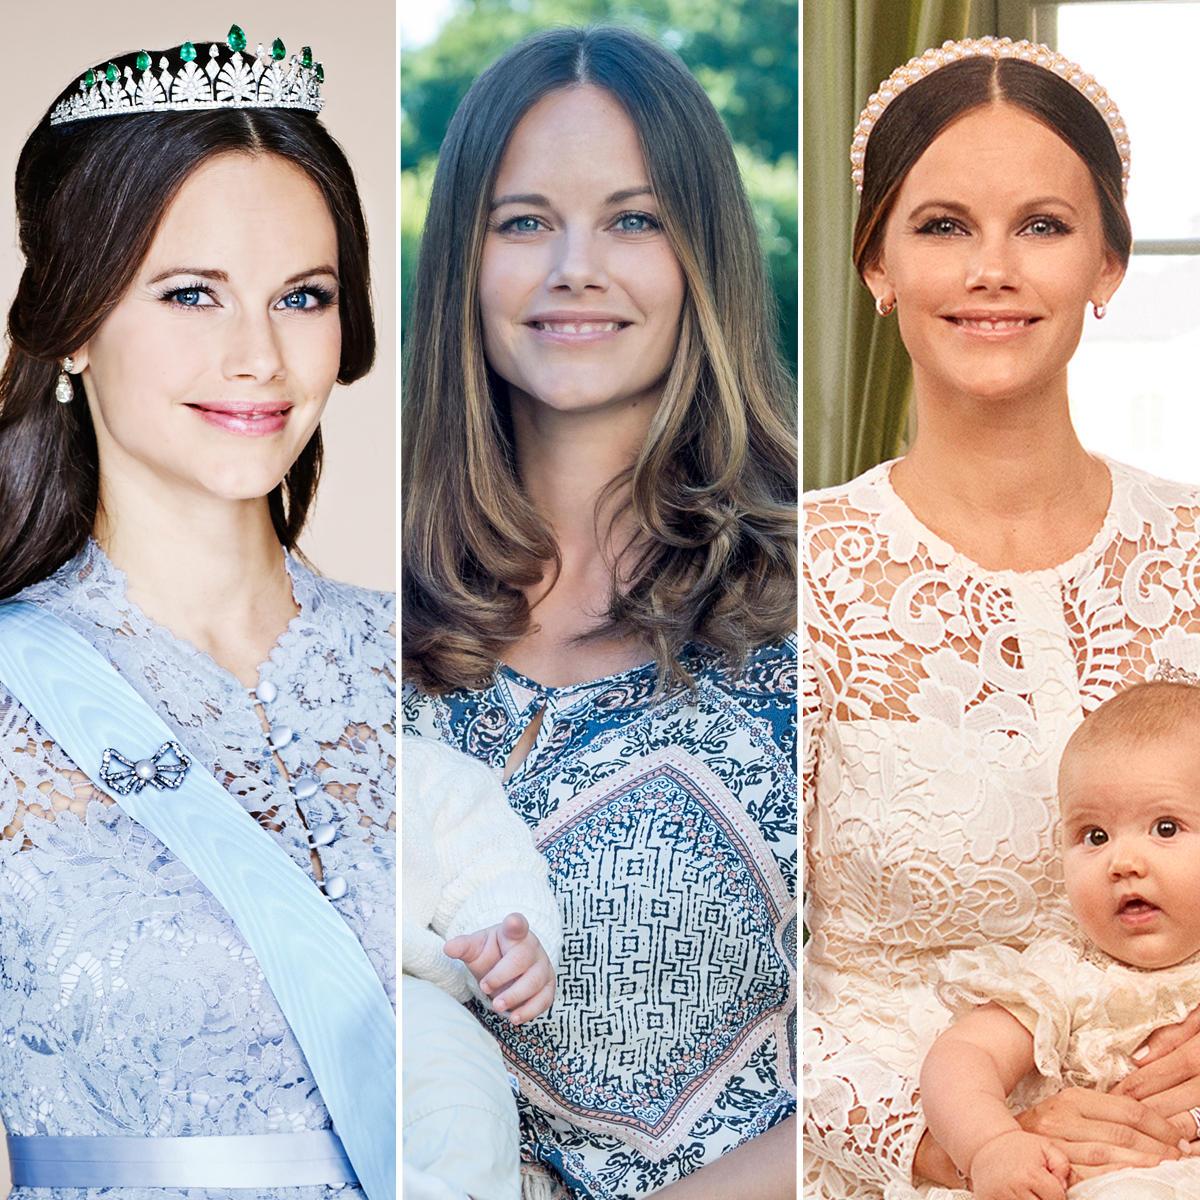 Auf offiziellen Fotos bemüht sich Prinzessin Sofia immer um ein zurückhaltendes Lächeln, so dass ihre Zähne kaum sichtbar sind.